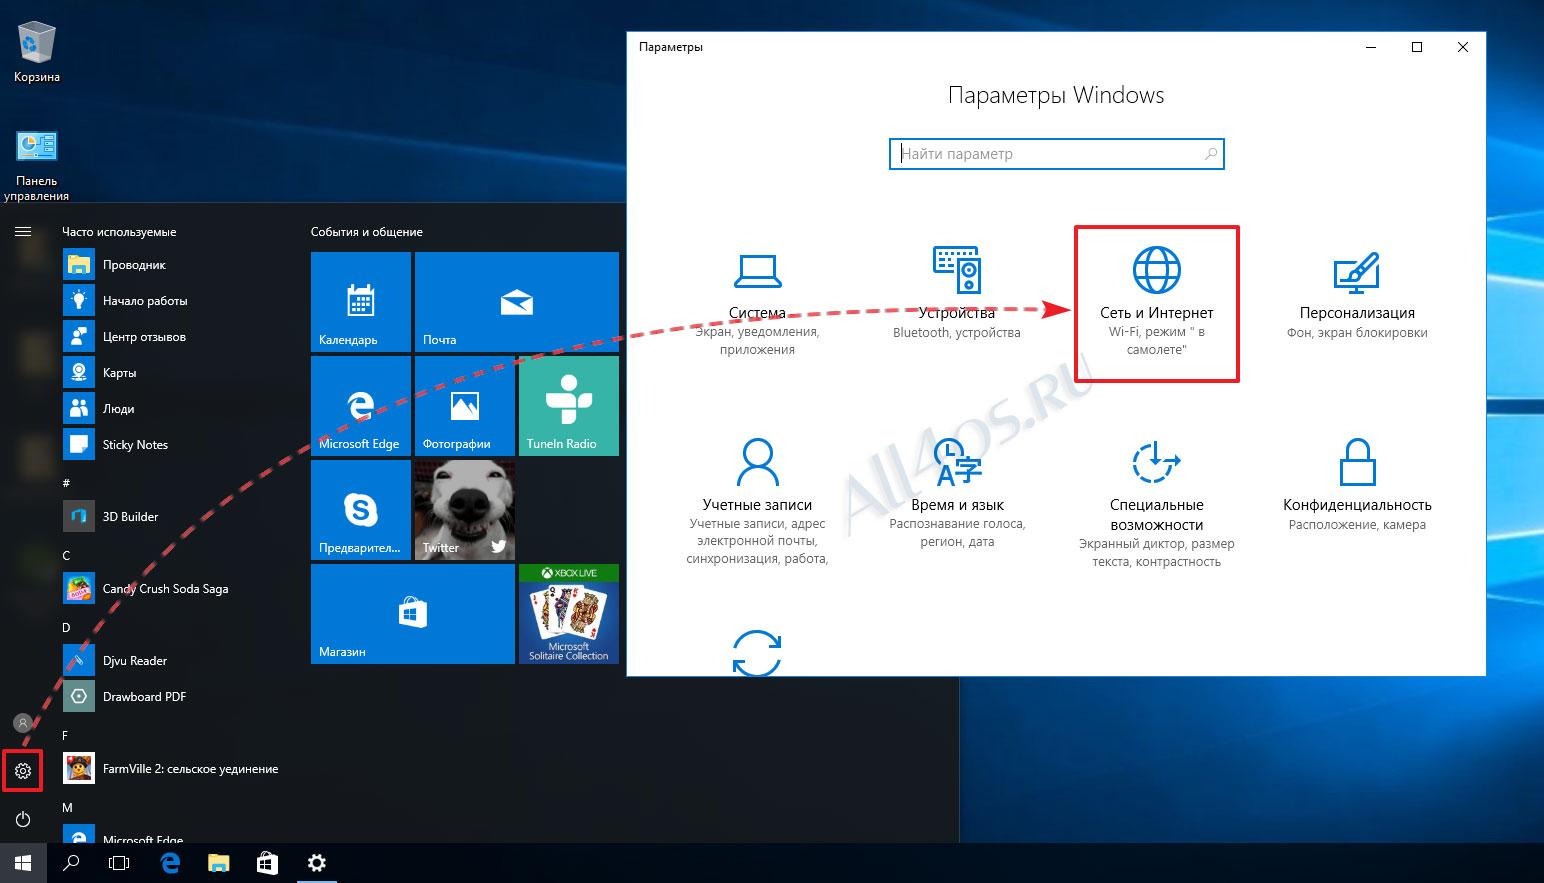 Как на windows 7 сделать скорость интернета быстрее на windows 7